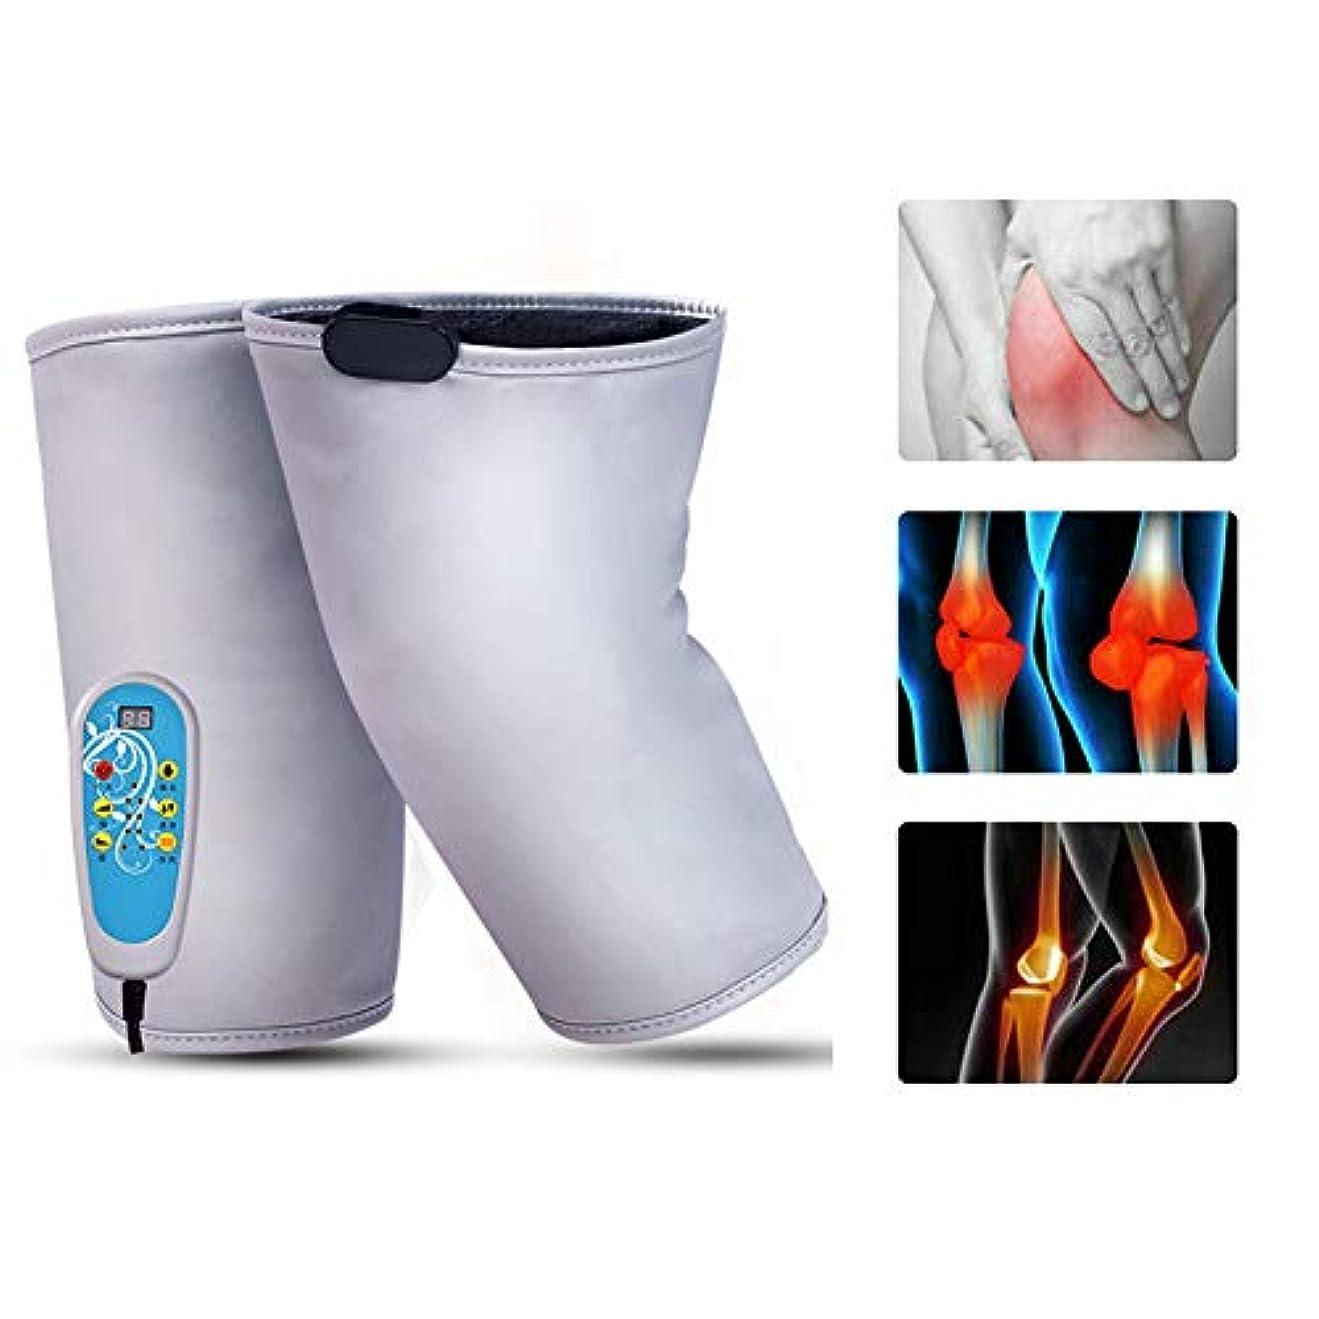 国家結婚練習暖房膝装具サポート1対加熱膝パッドウォームラップ - 膝のけが、痛みを軽減するための9マッサージモードのセラピーマッサージャー